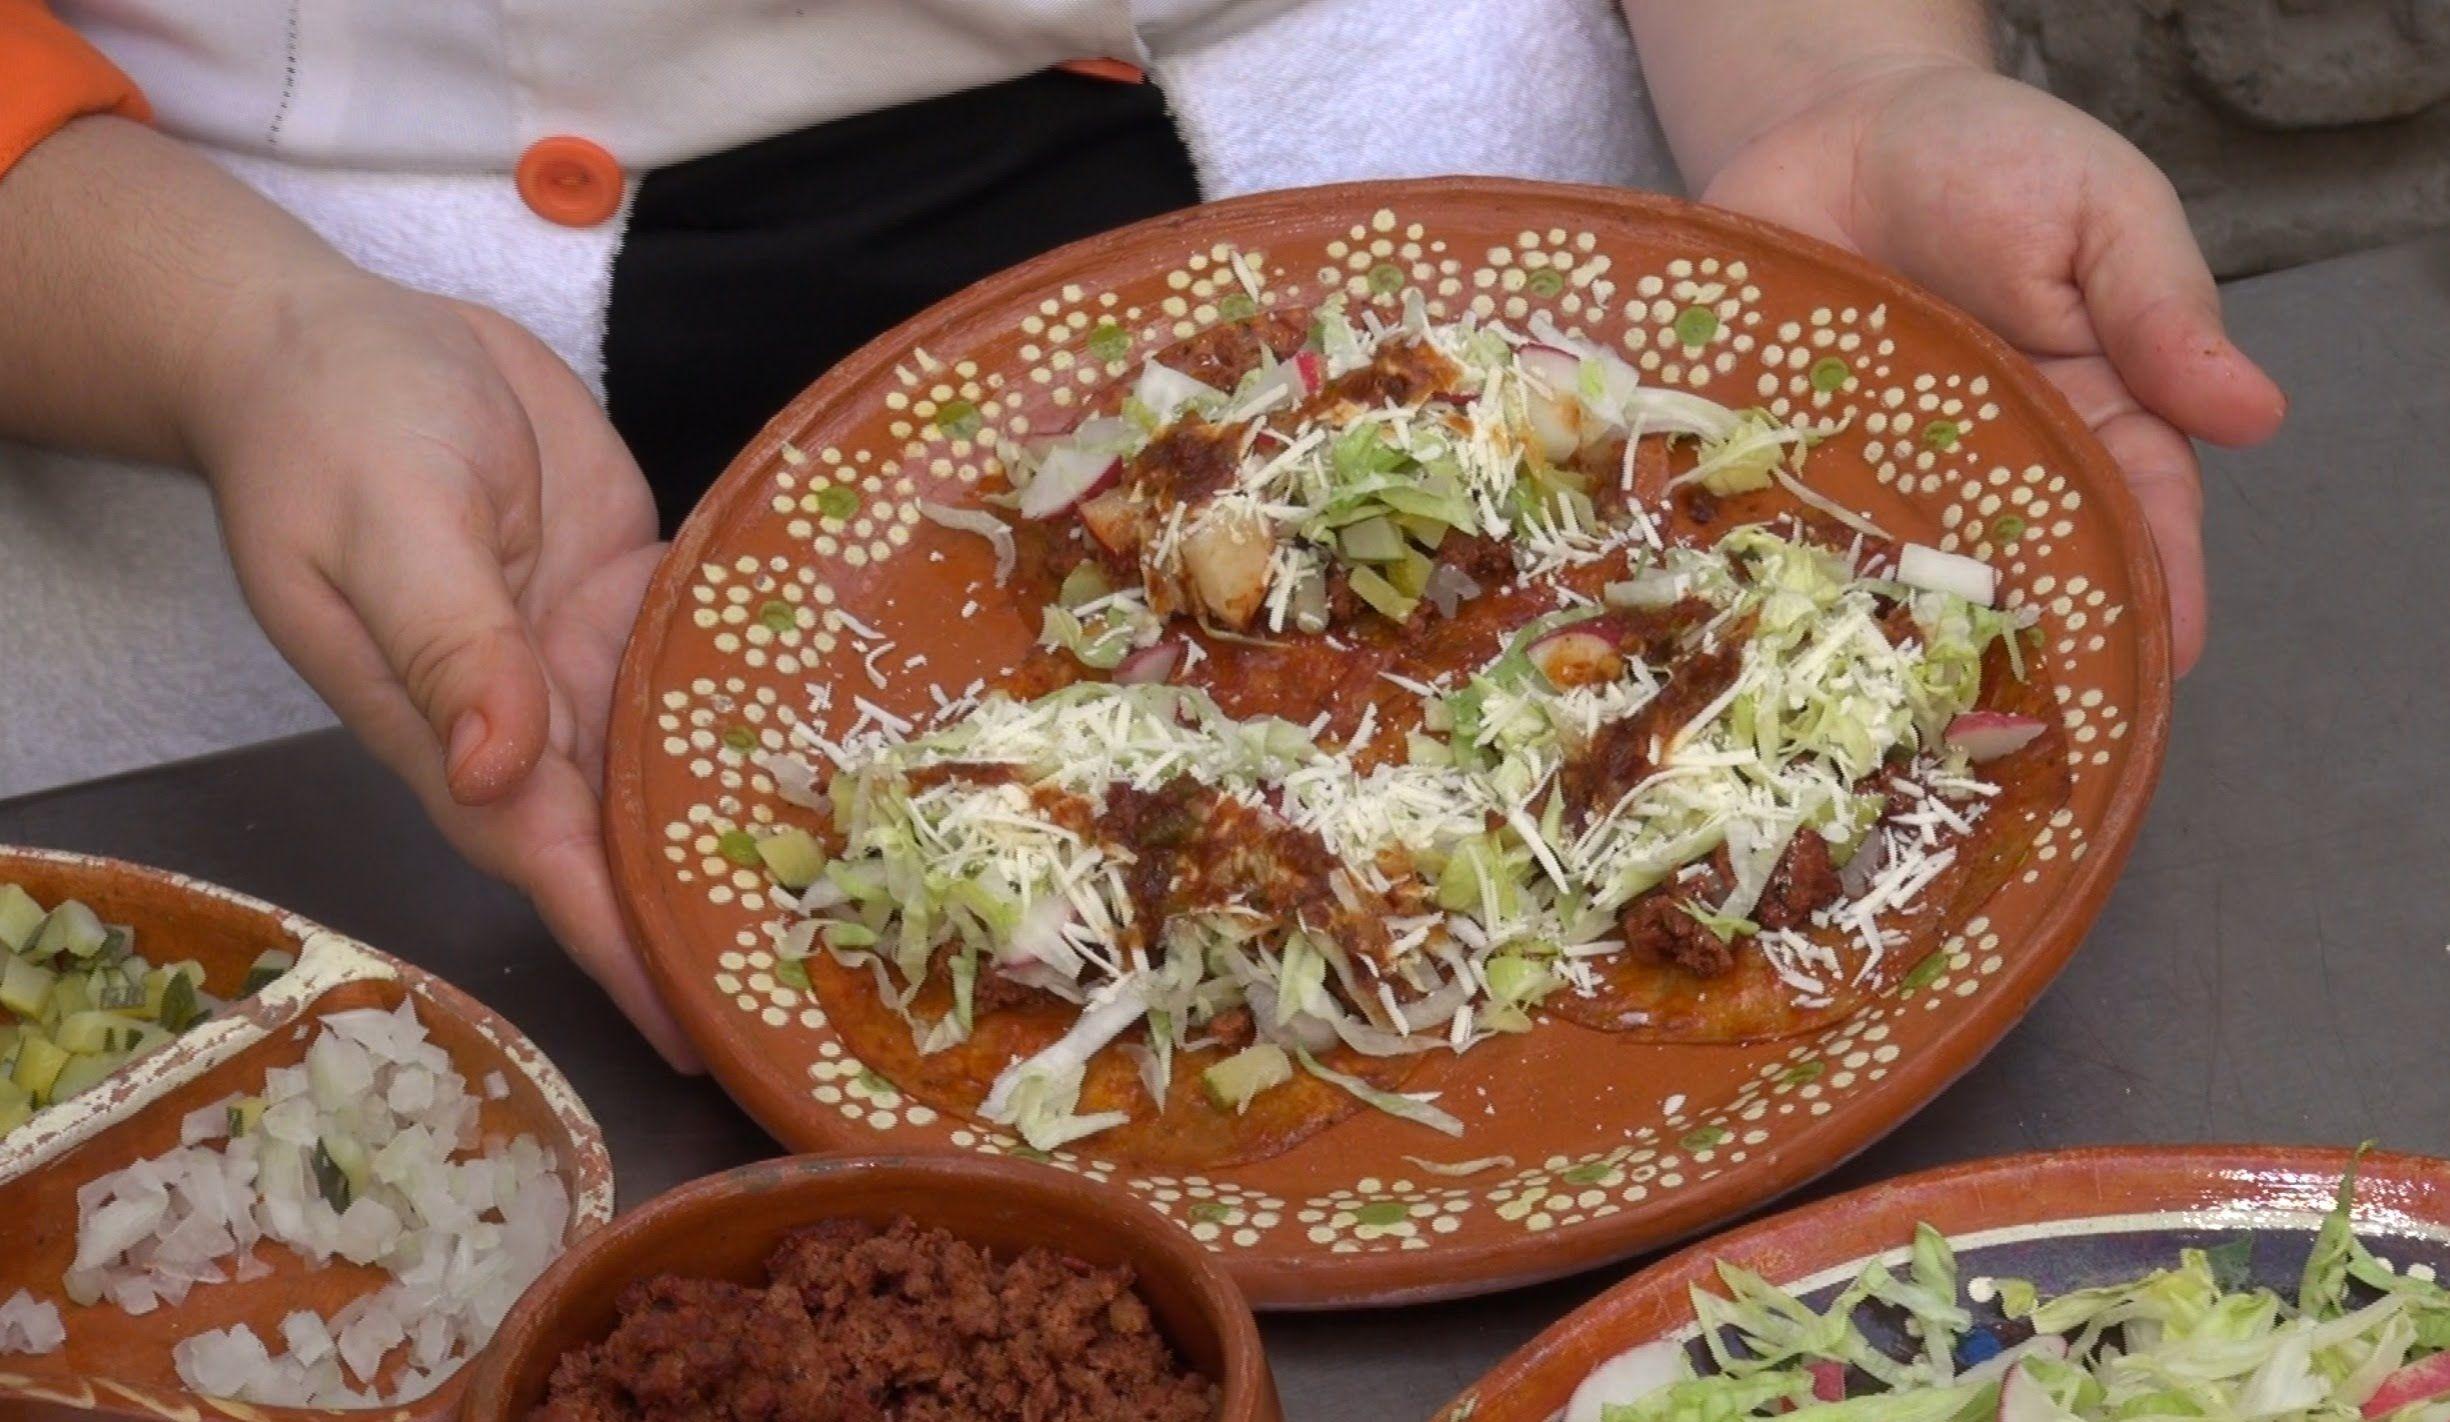 De la comida típica de Sinaloa debes probar las enchiladas del suelo.